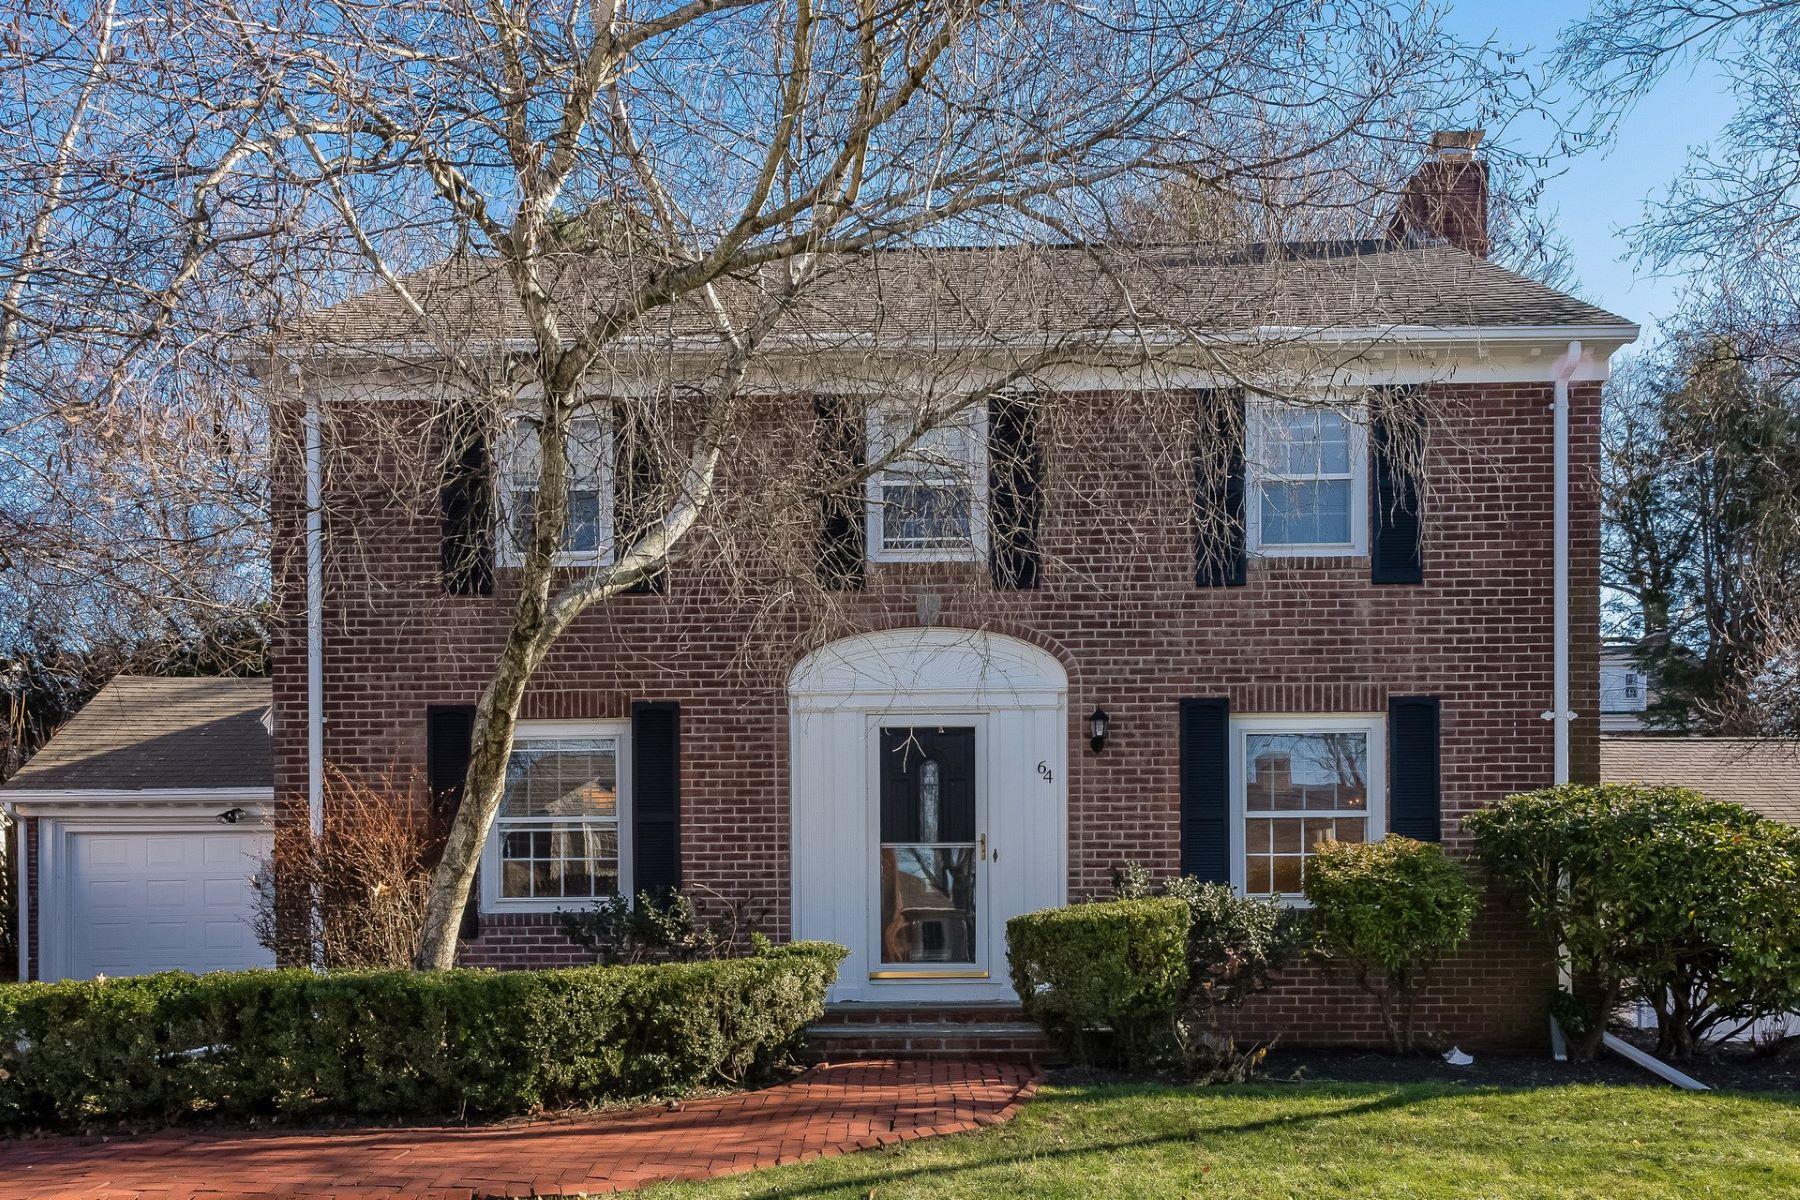 Μονοκατοικία για την Πώληση στο 64 Capwell Av, Pawtucket, RI Pawtucket, Ροουντ Αϊλαντ 02860 Ηνωμένες Πολιτείες